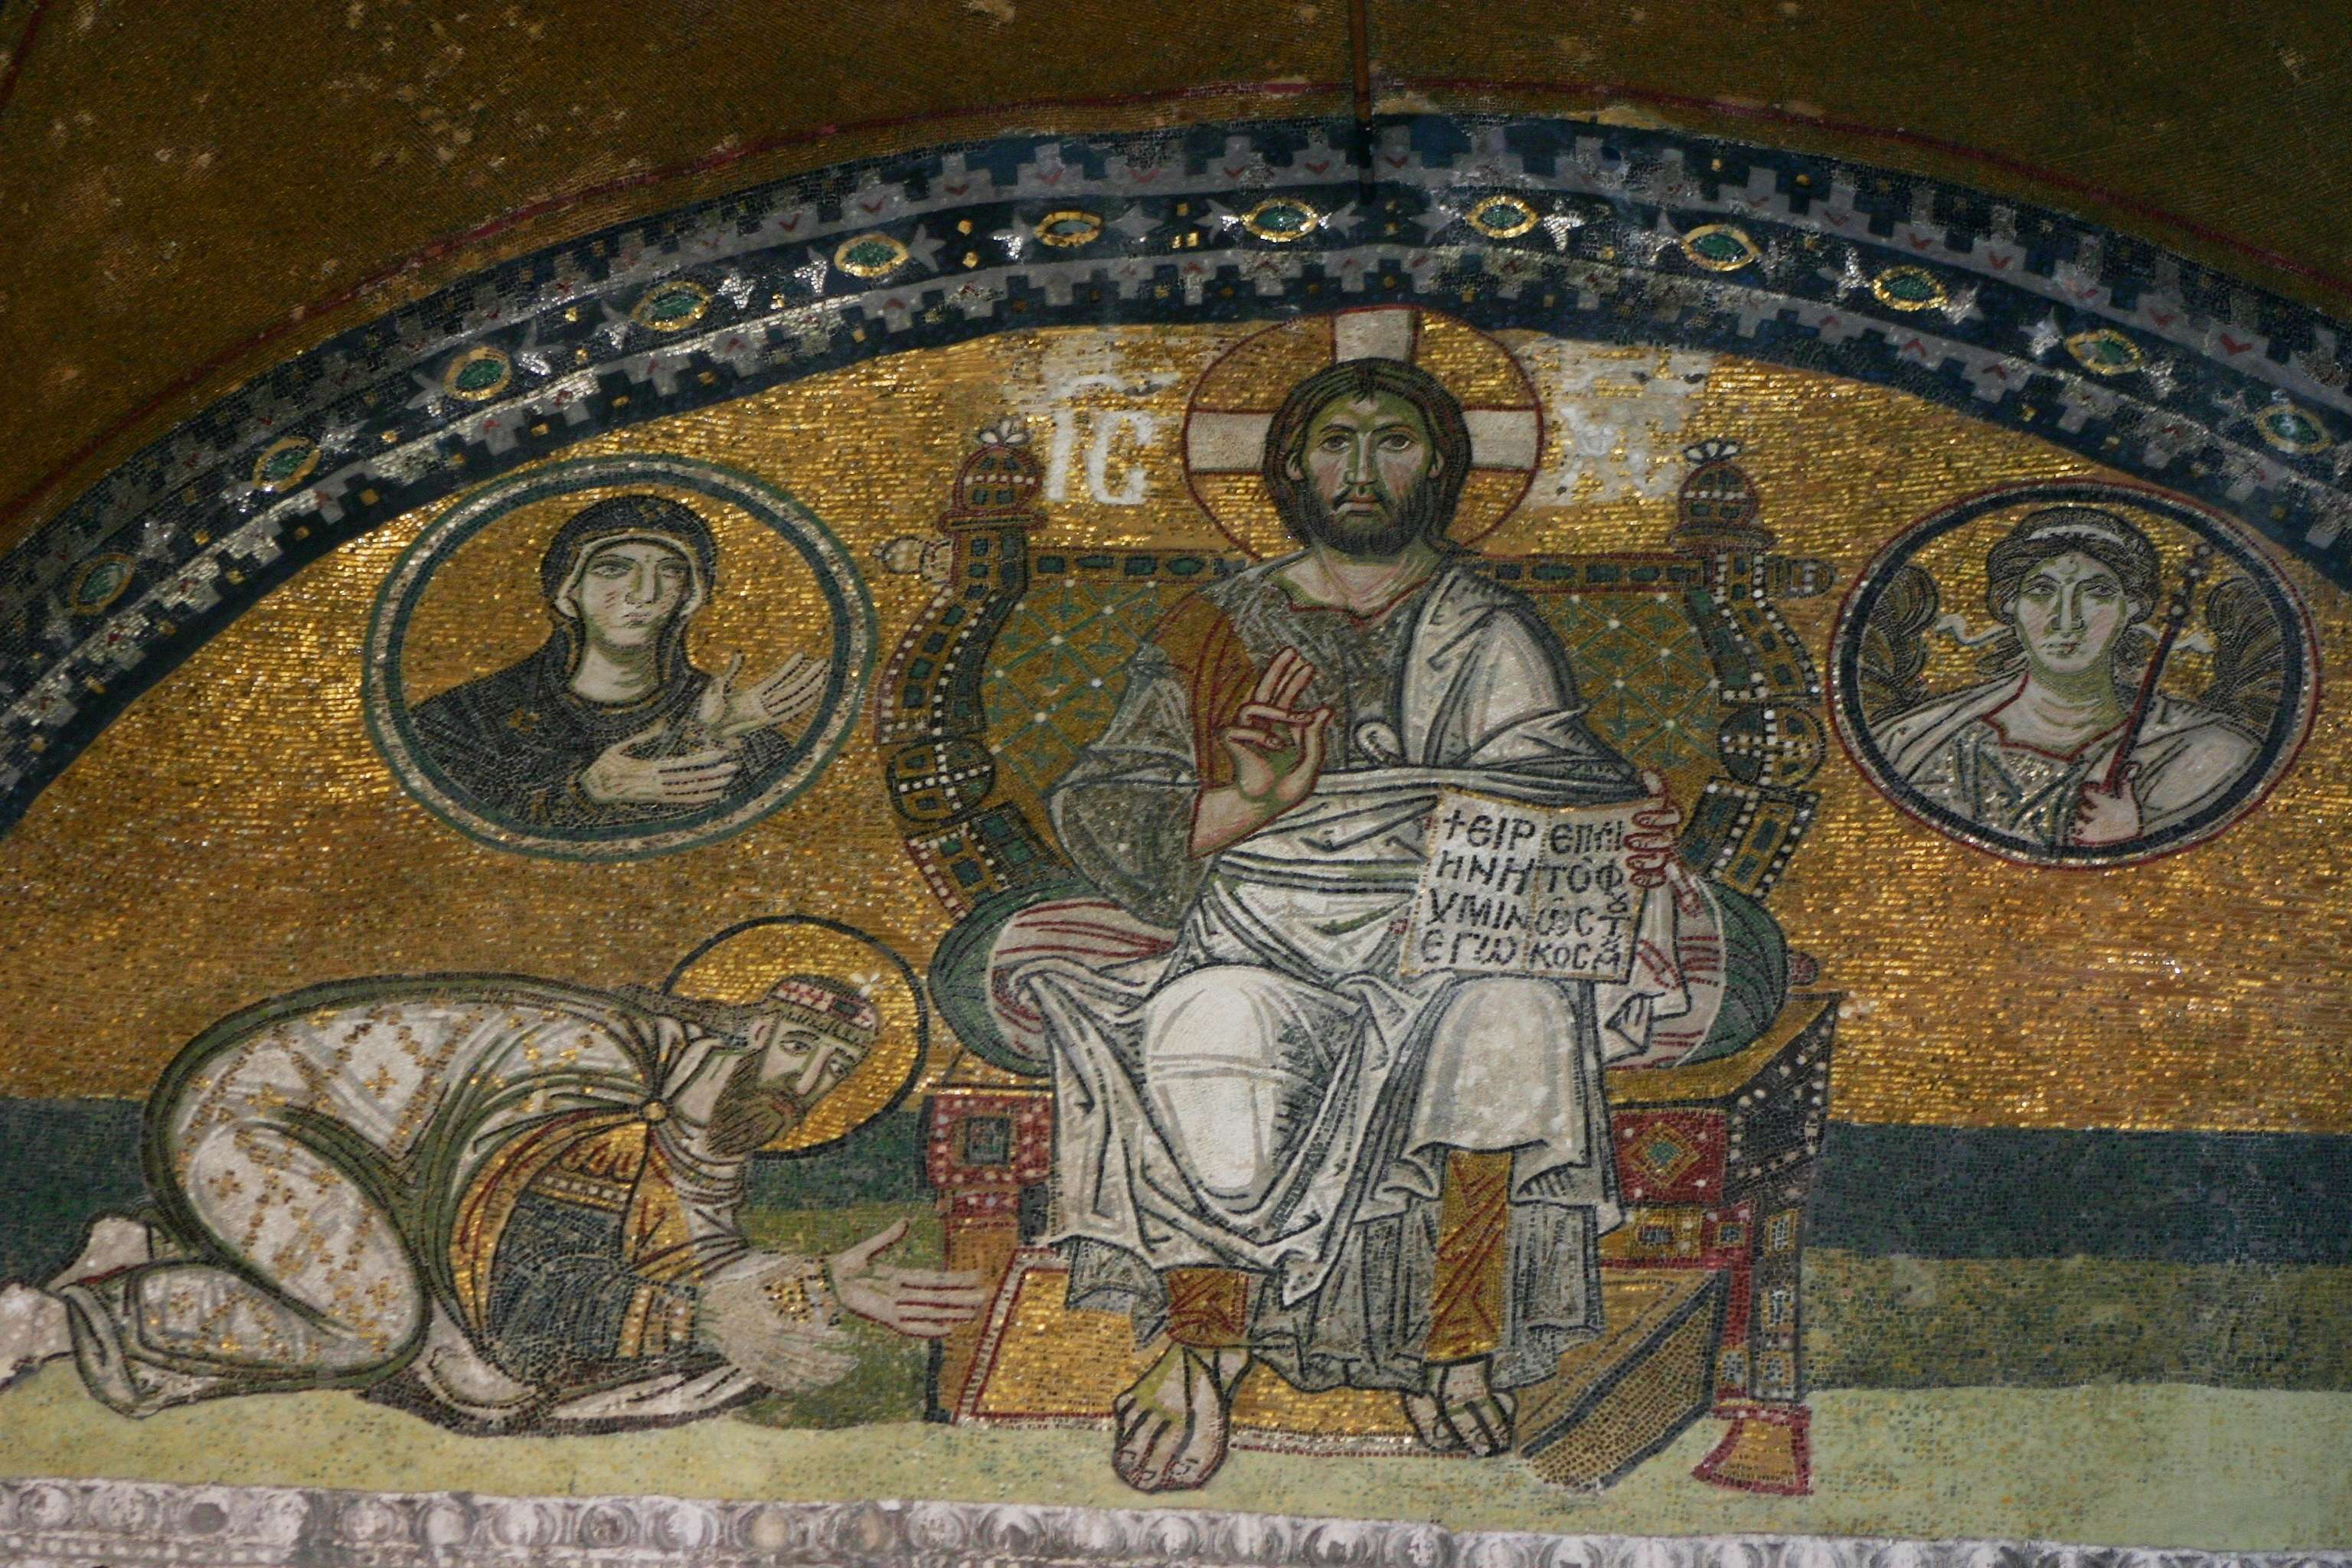 Ο αυτοκράτορας Λέων ΣΤ´ προσκυνώντας τον Ιησού Χριστό. Μωσαϊκό πάνω από την πύλη του αυτοκράτορα στην Αγία Σοφία.